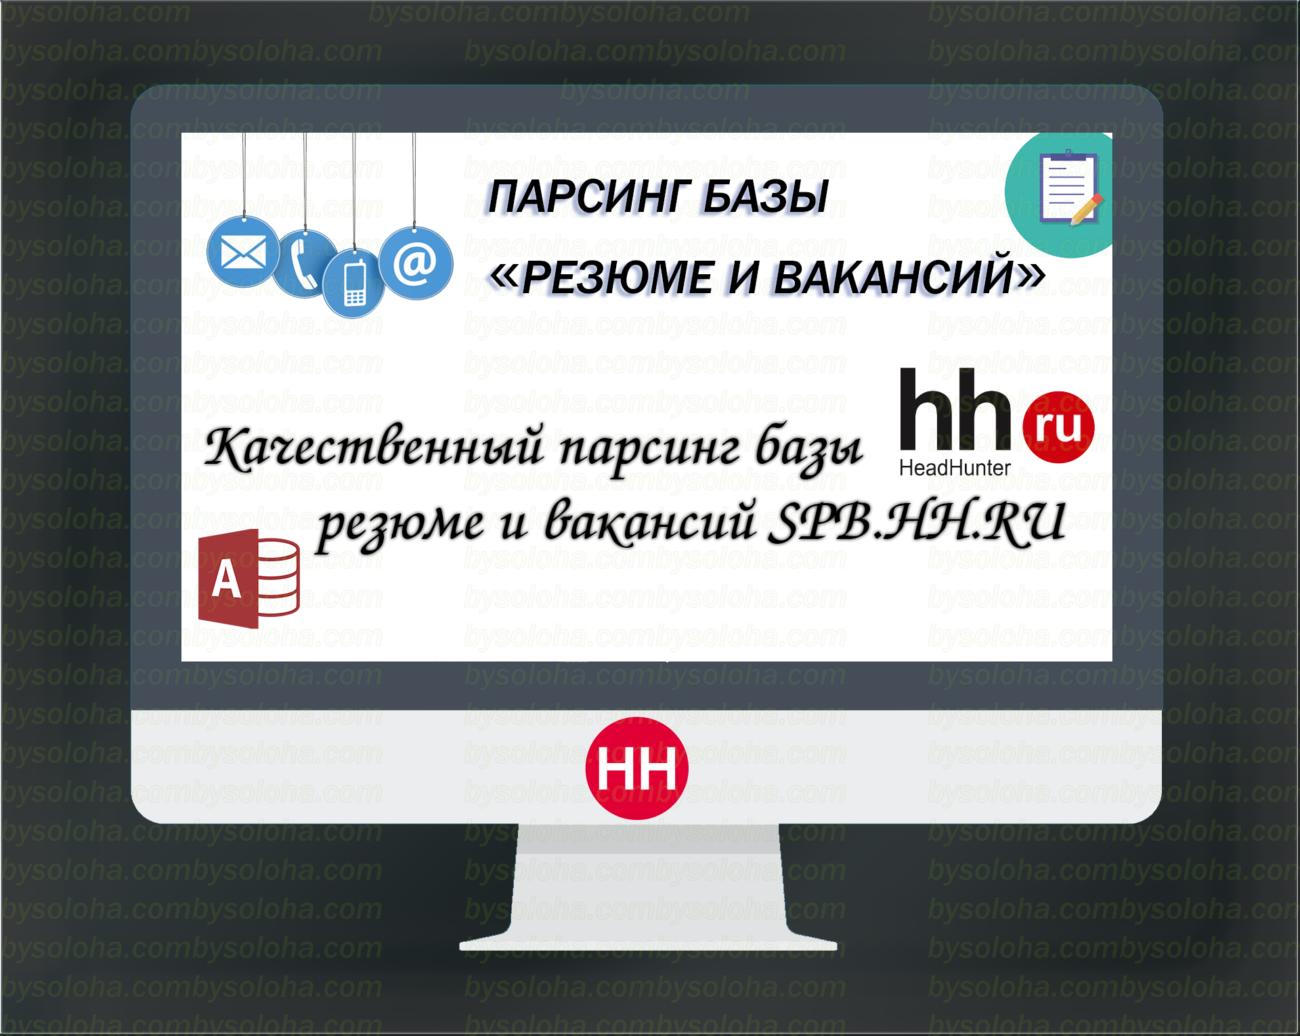 Качественный парсинг базы резюме и вакансий spb.hh.ru